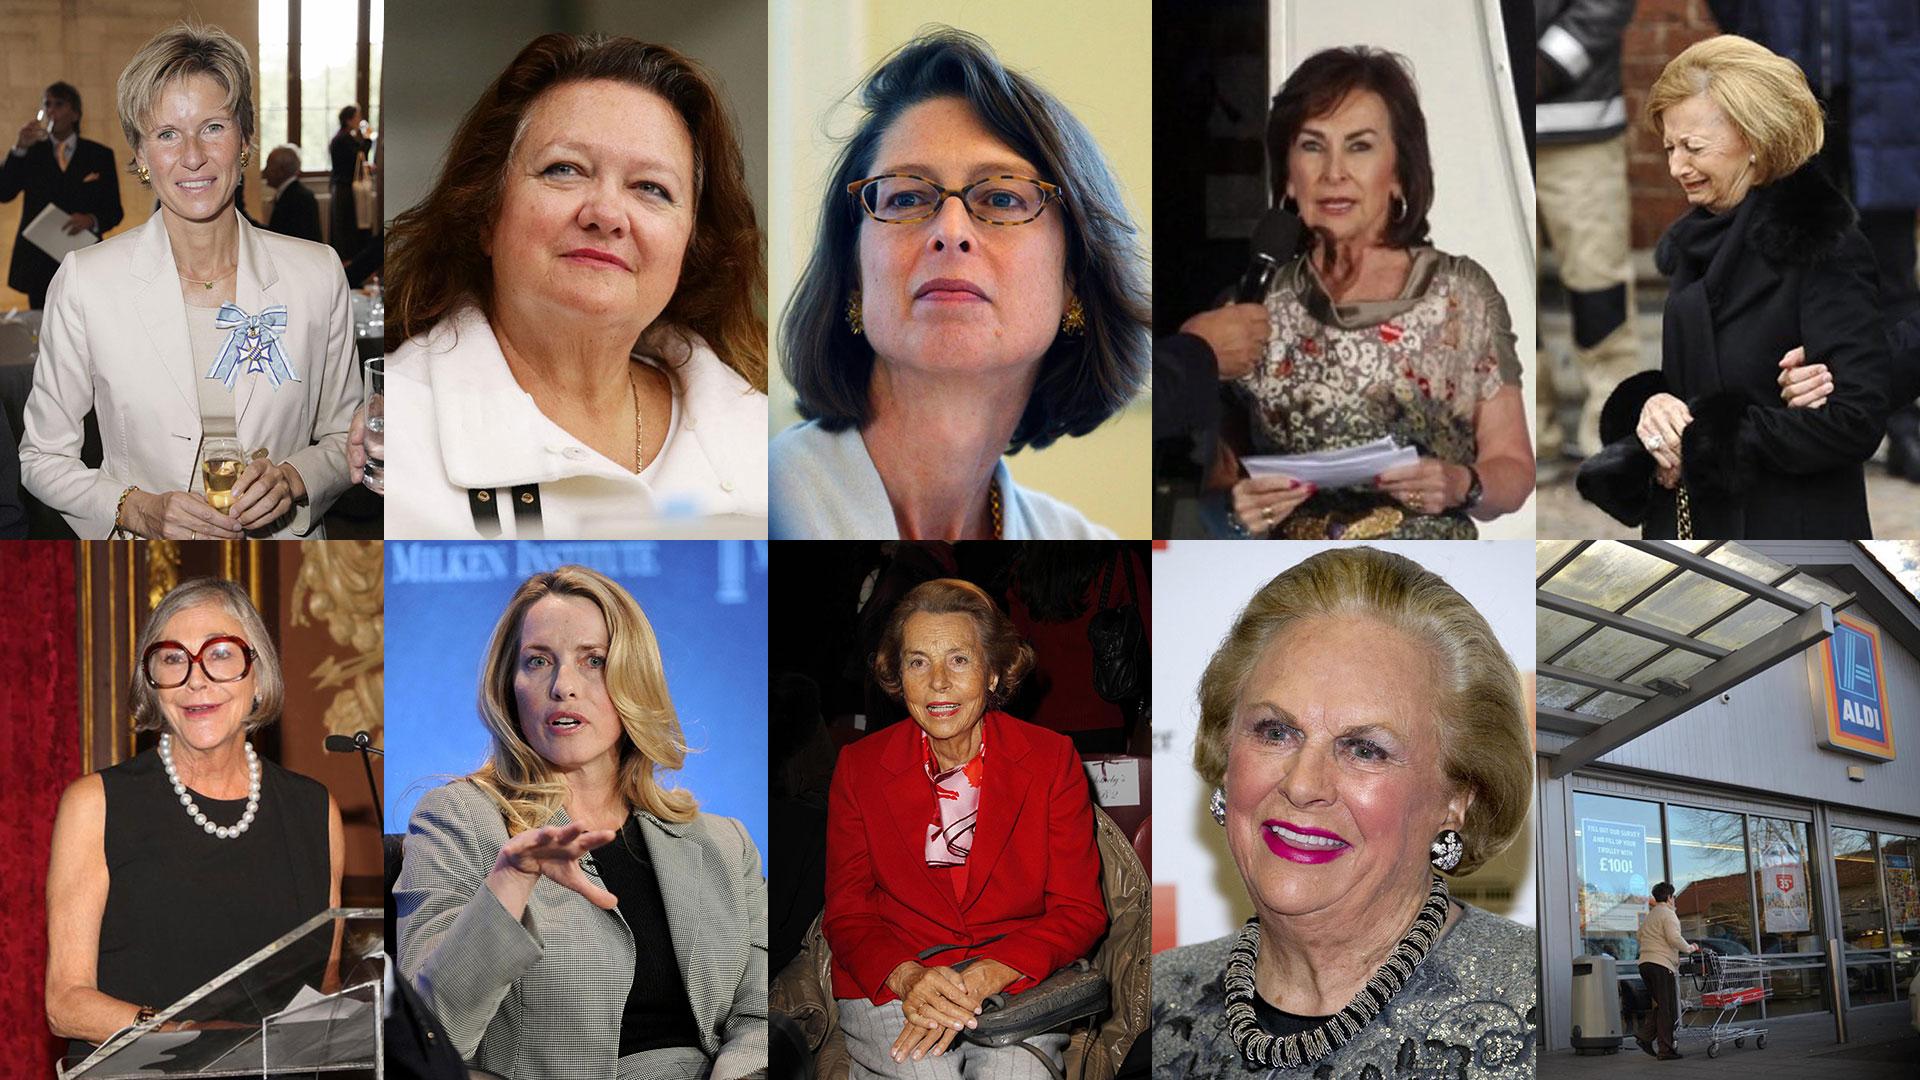 c6b7ad9fa6d7 Éstas son las diez mujeres más ricas del mundo, según Forbes - Infobae